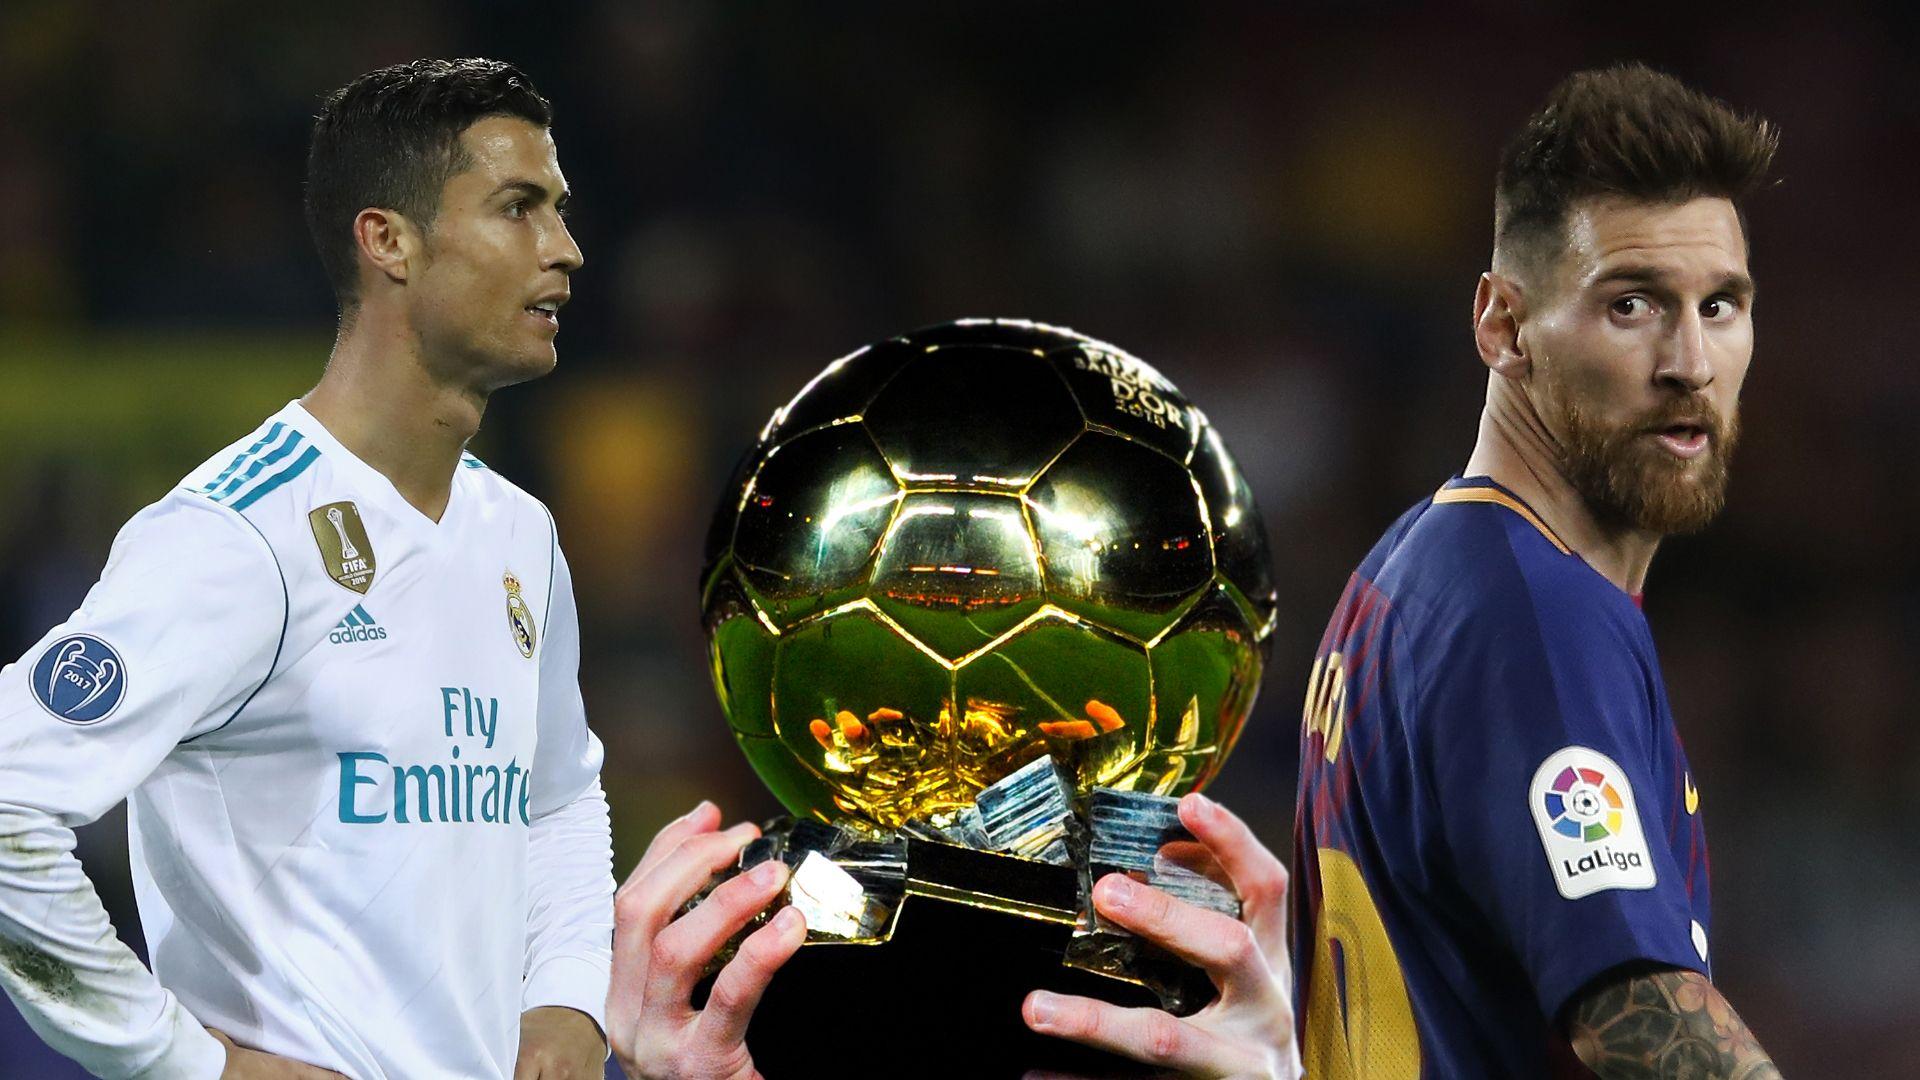 Ronaldo giành Quả bóng vàng 2017: Trong lịch sử, anh vĩ đại cỡ nào?